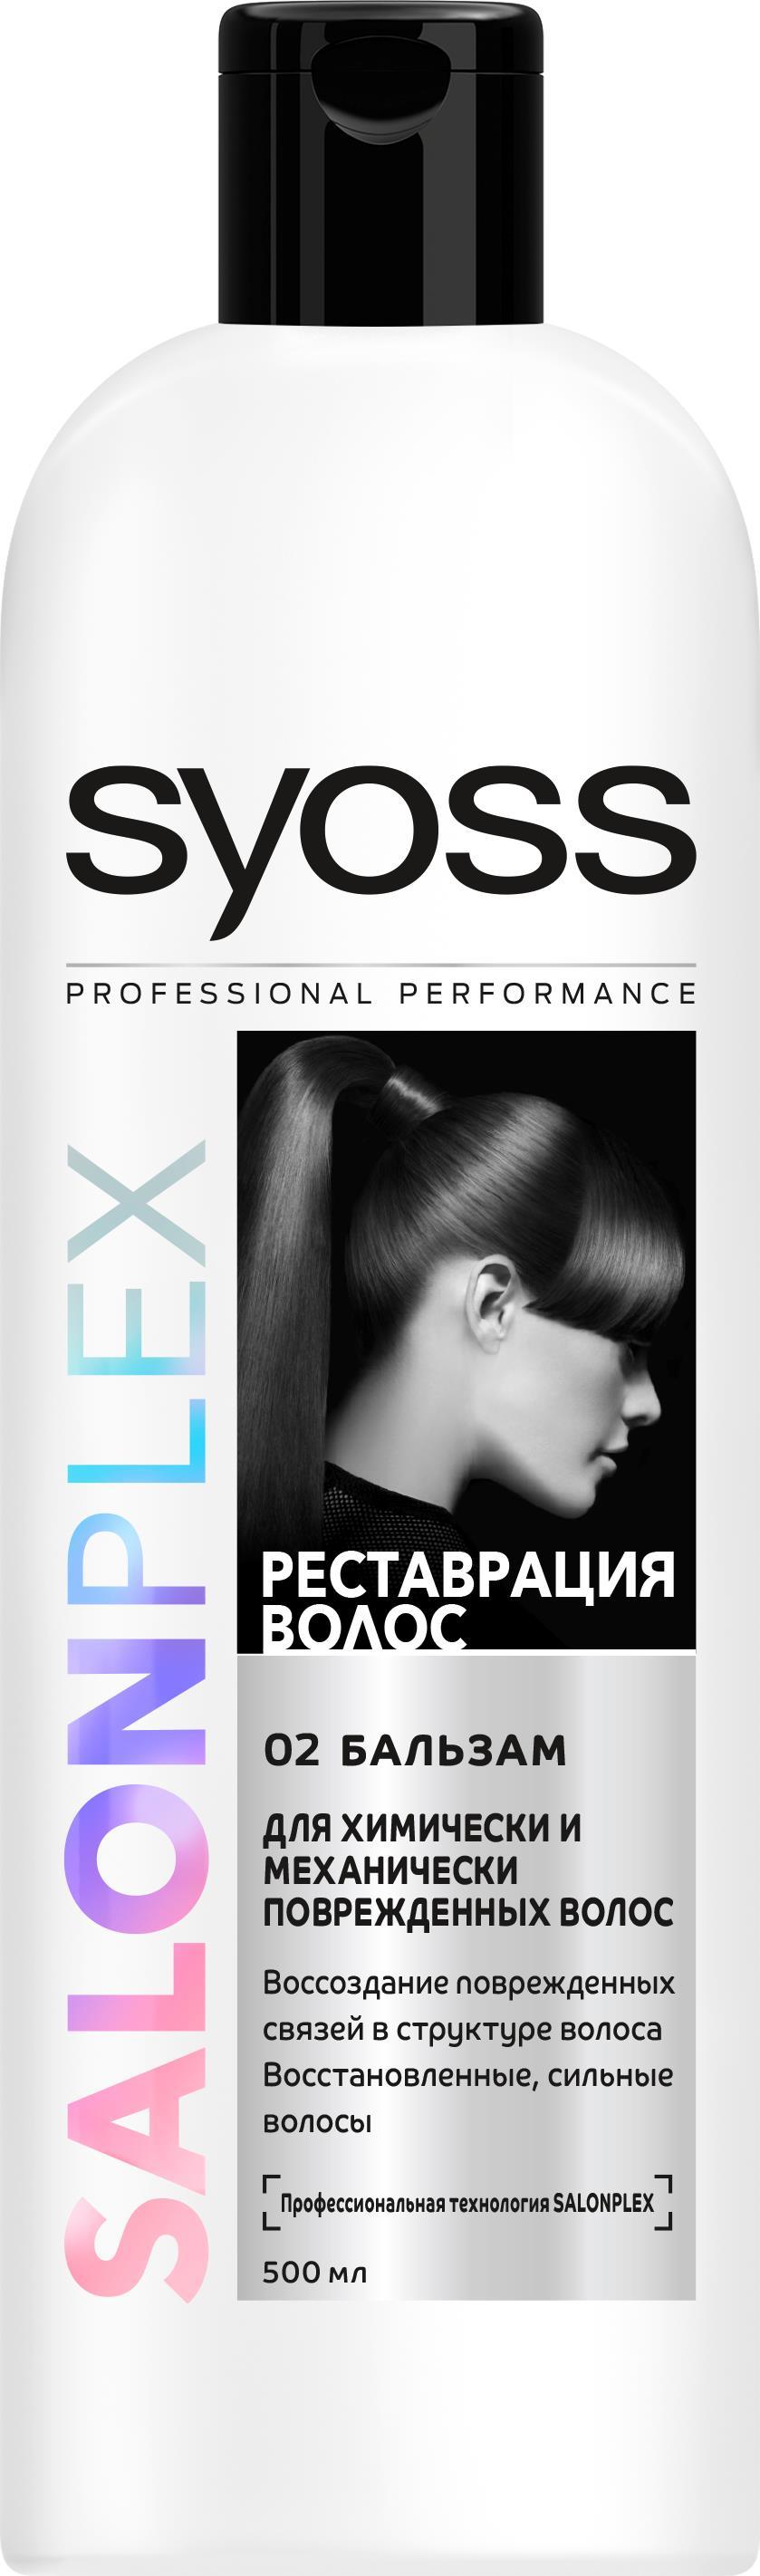 Syoss Salonplex Реставрация волос бальзам для химически и механически поврежденных волос 500 мл syoss salonplex реставрация волос шампунь для химически и механически поврежденных волос 500 мл